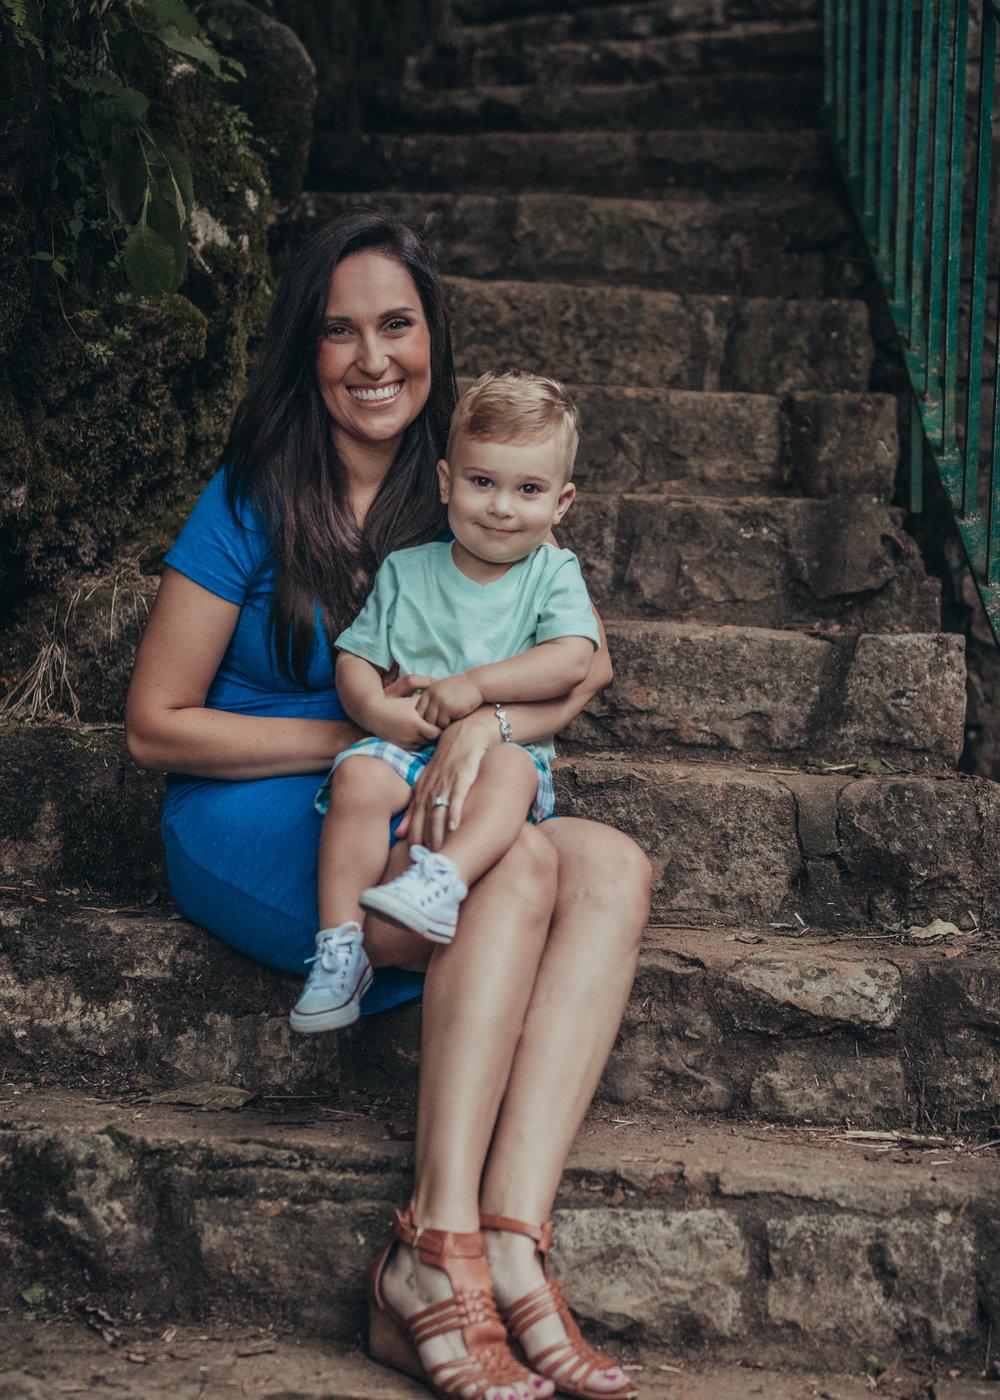 mom and son smiling at camera